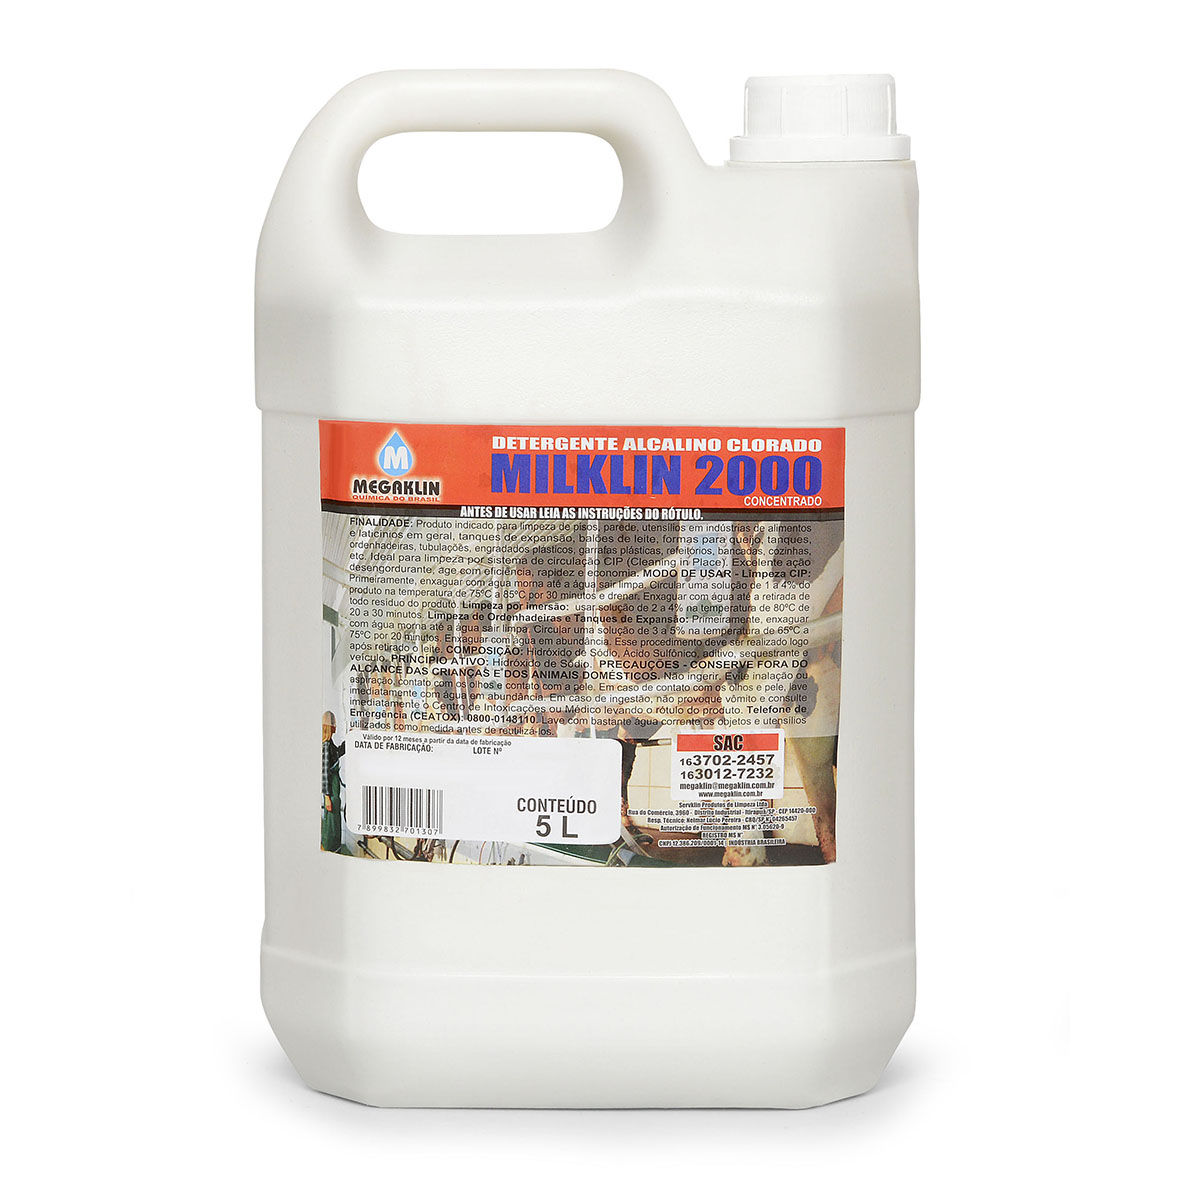 Detergente Alcalino Clorado Sem espuma Concentrado Milklin 2000 Megaklin